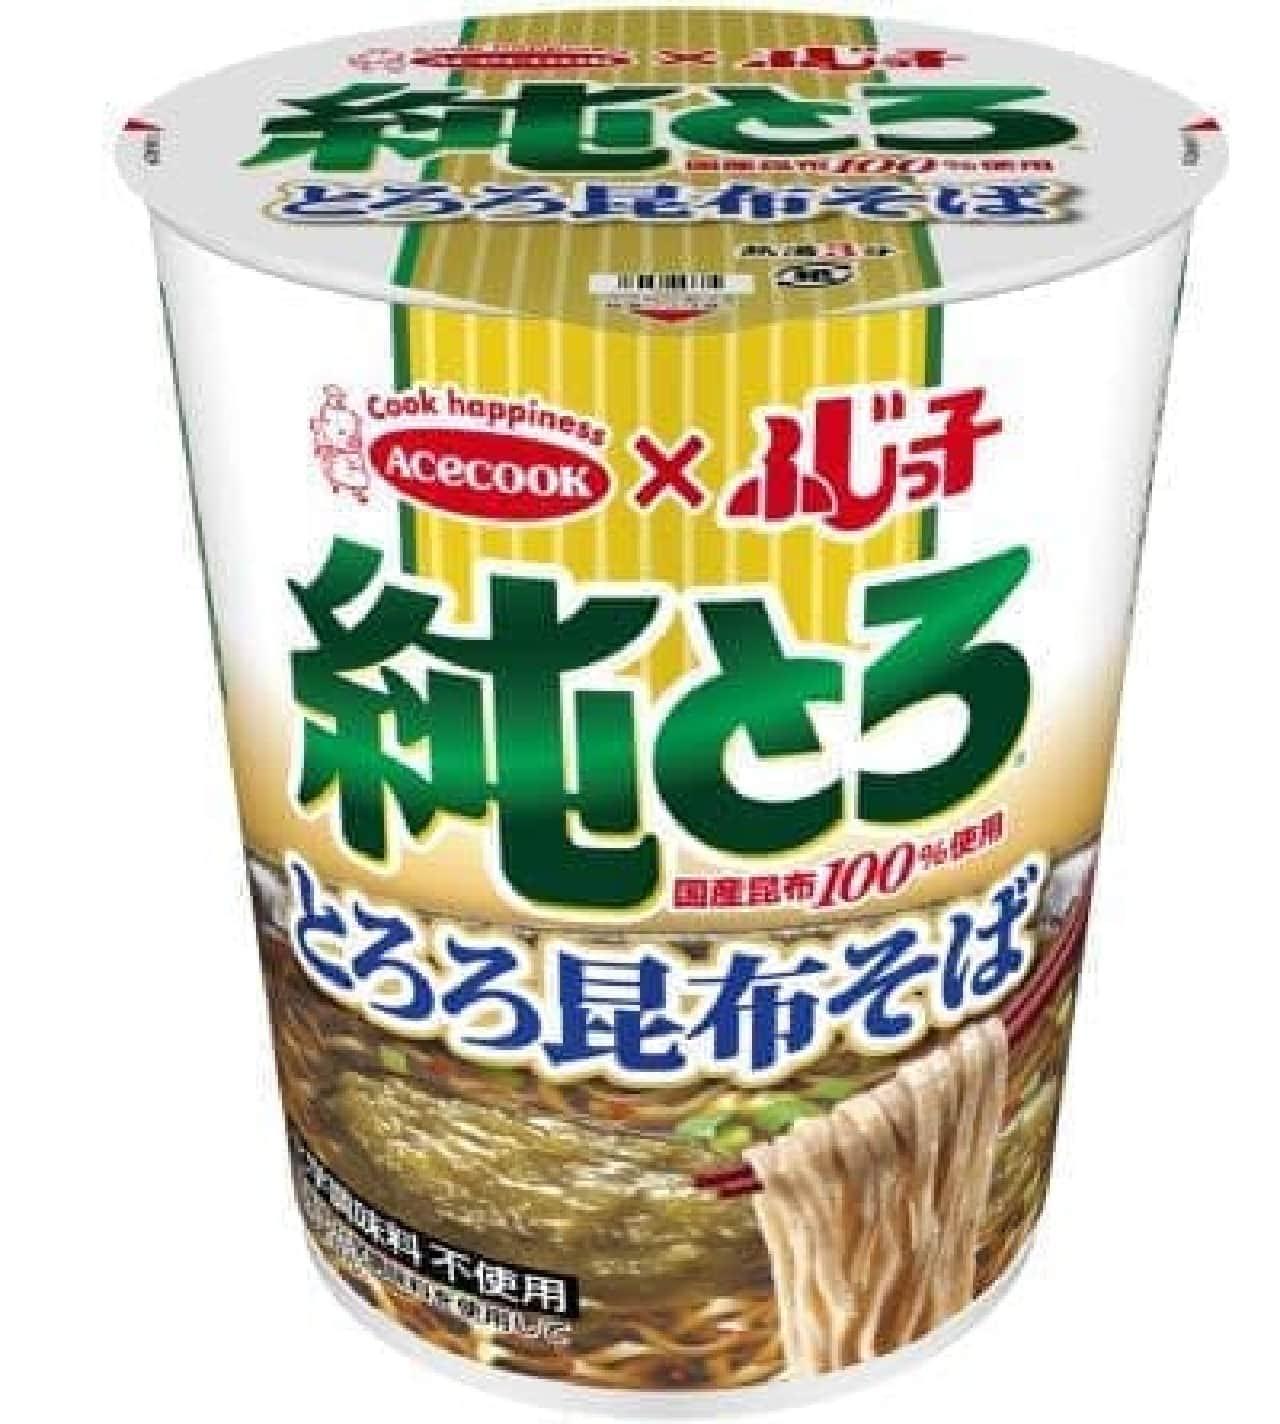 ふじっ子 純とろ とろろ昆布そばは、風味豊かな歯切れの良いそばを使用した和風カップ麺